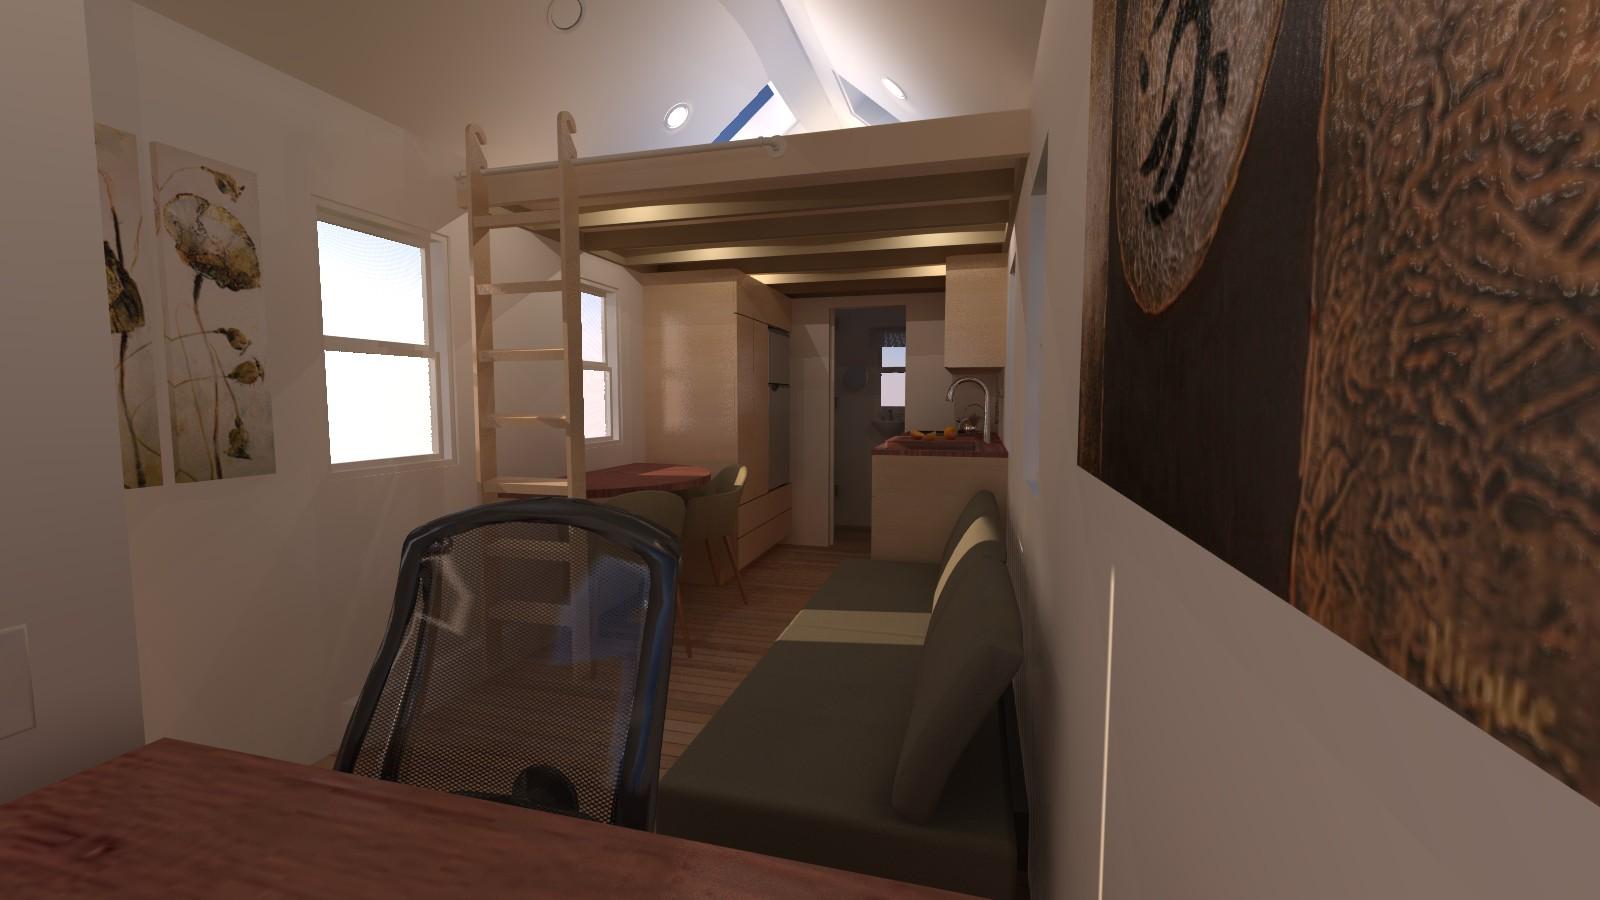 Caspar 20 Tiny House Interior Living Room